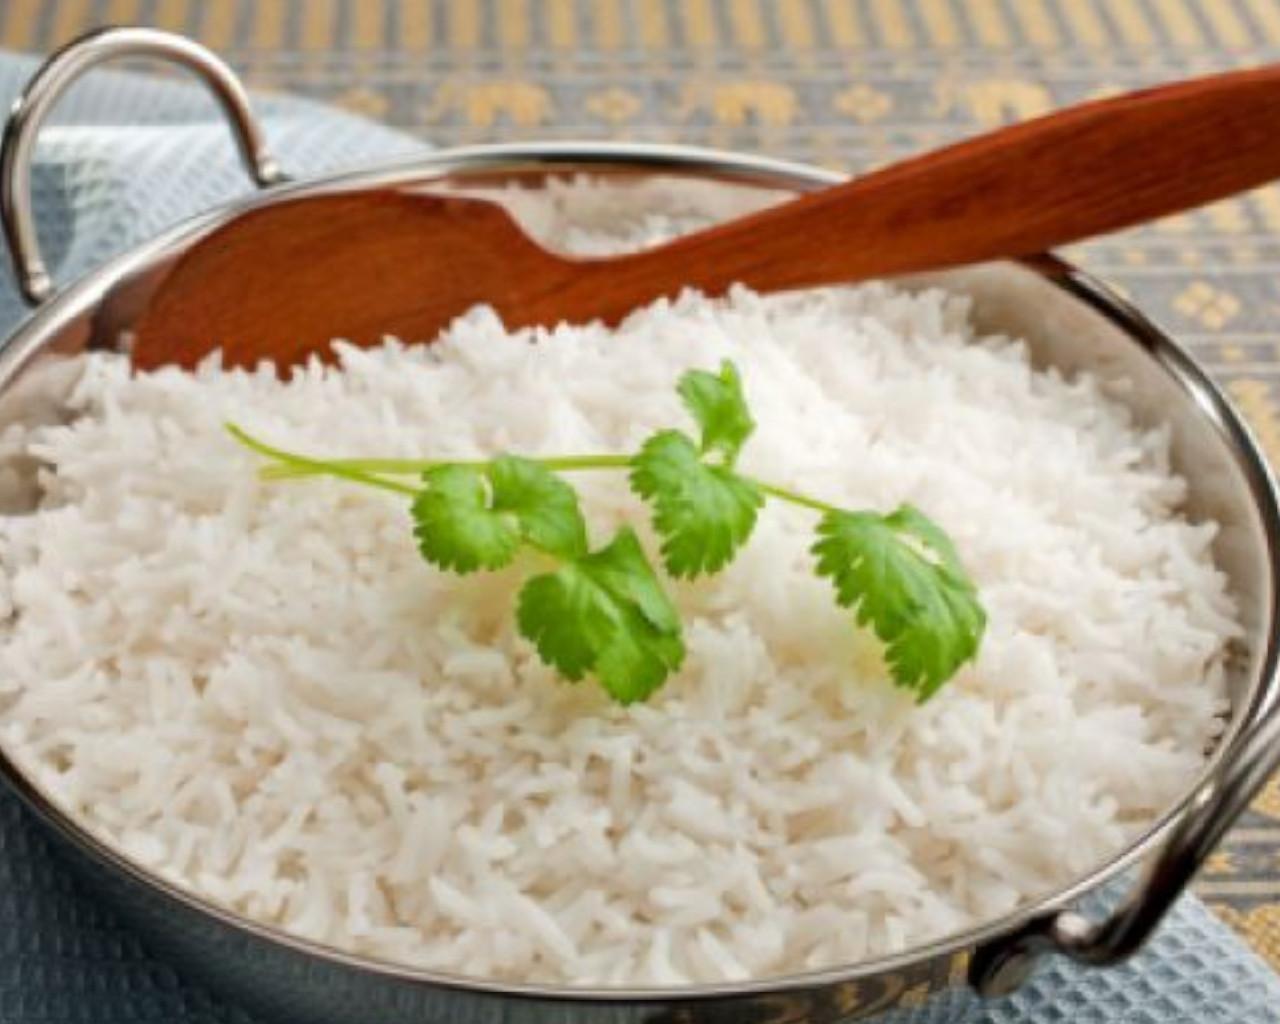 ρύζι, ρύζι χριστουγεννιάτικο, ρύζι άκης, ρύζι συνταγή, ρύζι μπασμάτι, ρύζι ριζότο, ρύζι θερμίδες, ρύζι μανιτάρια